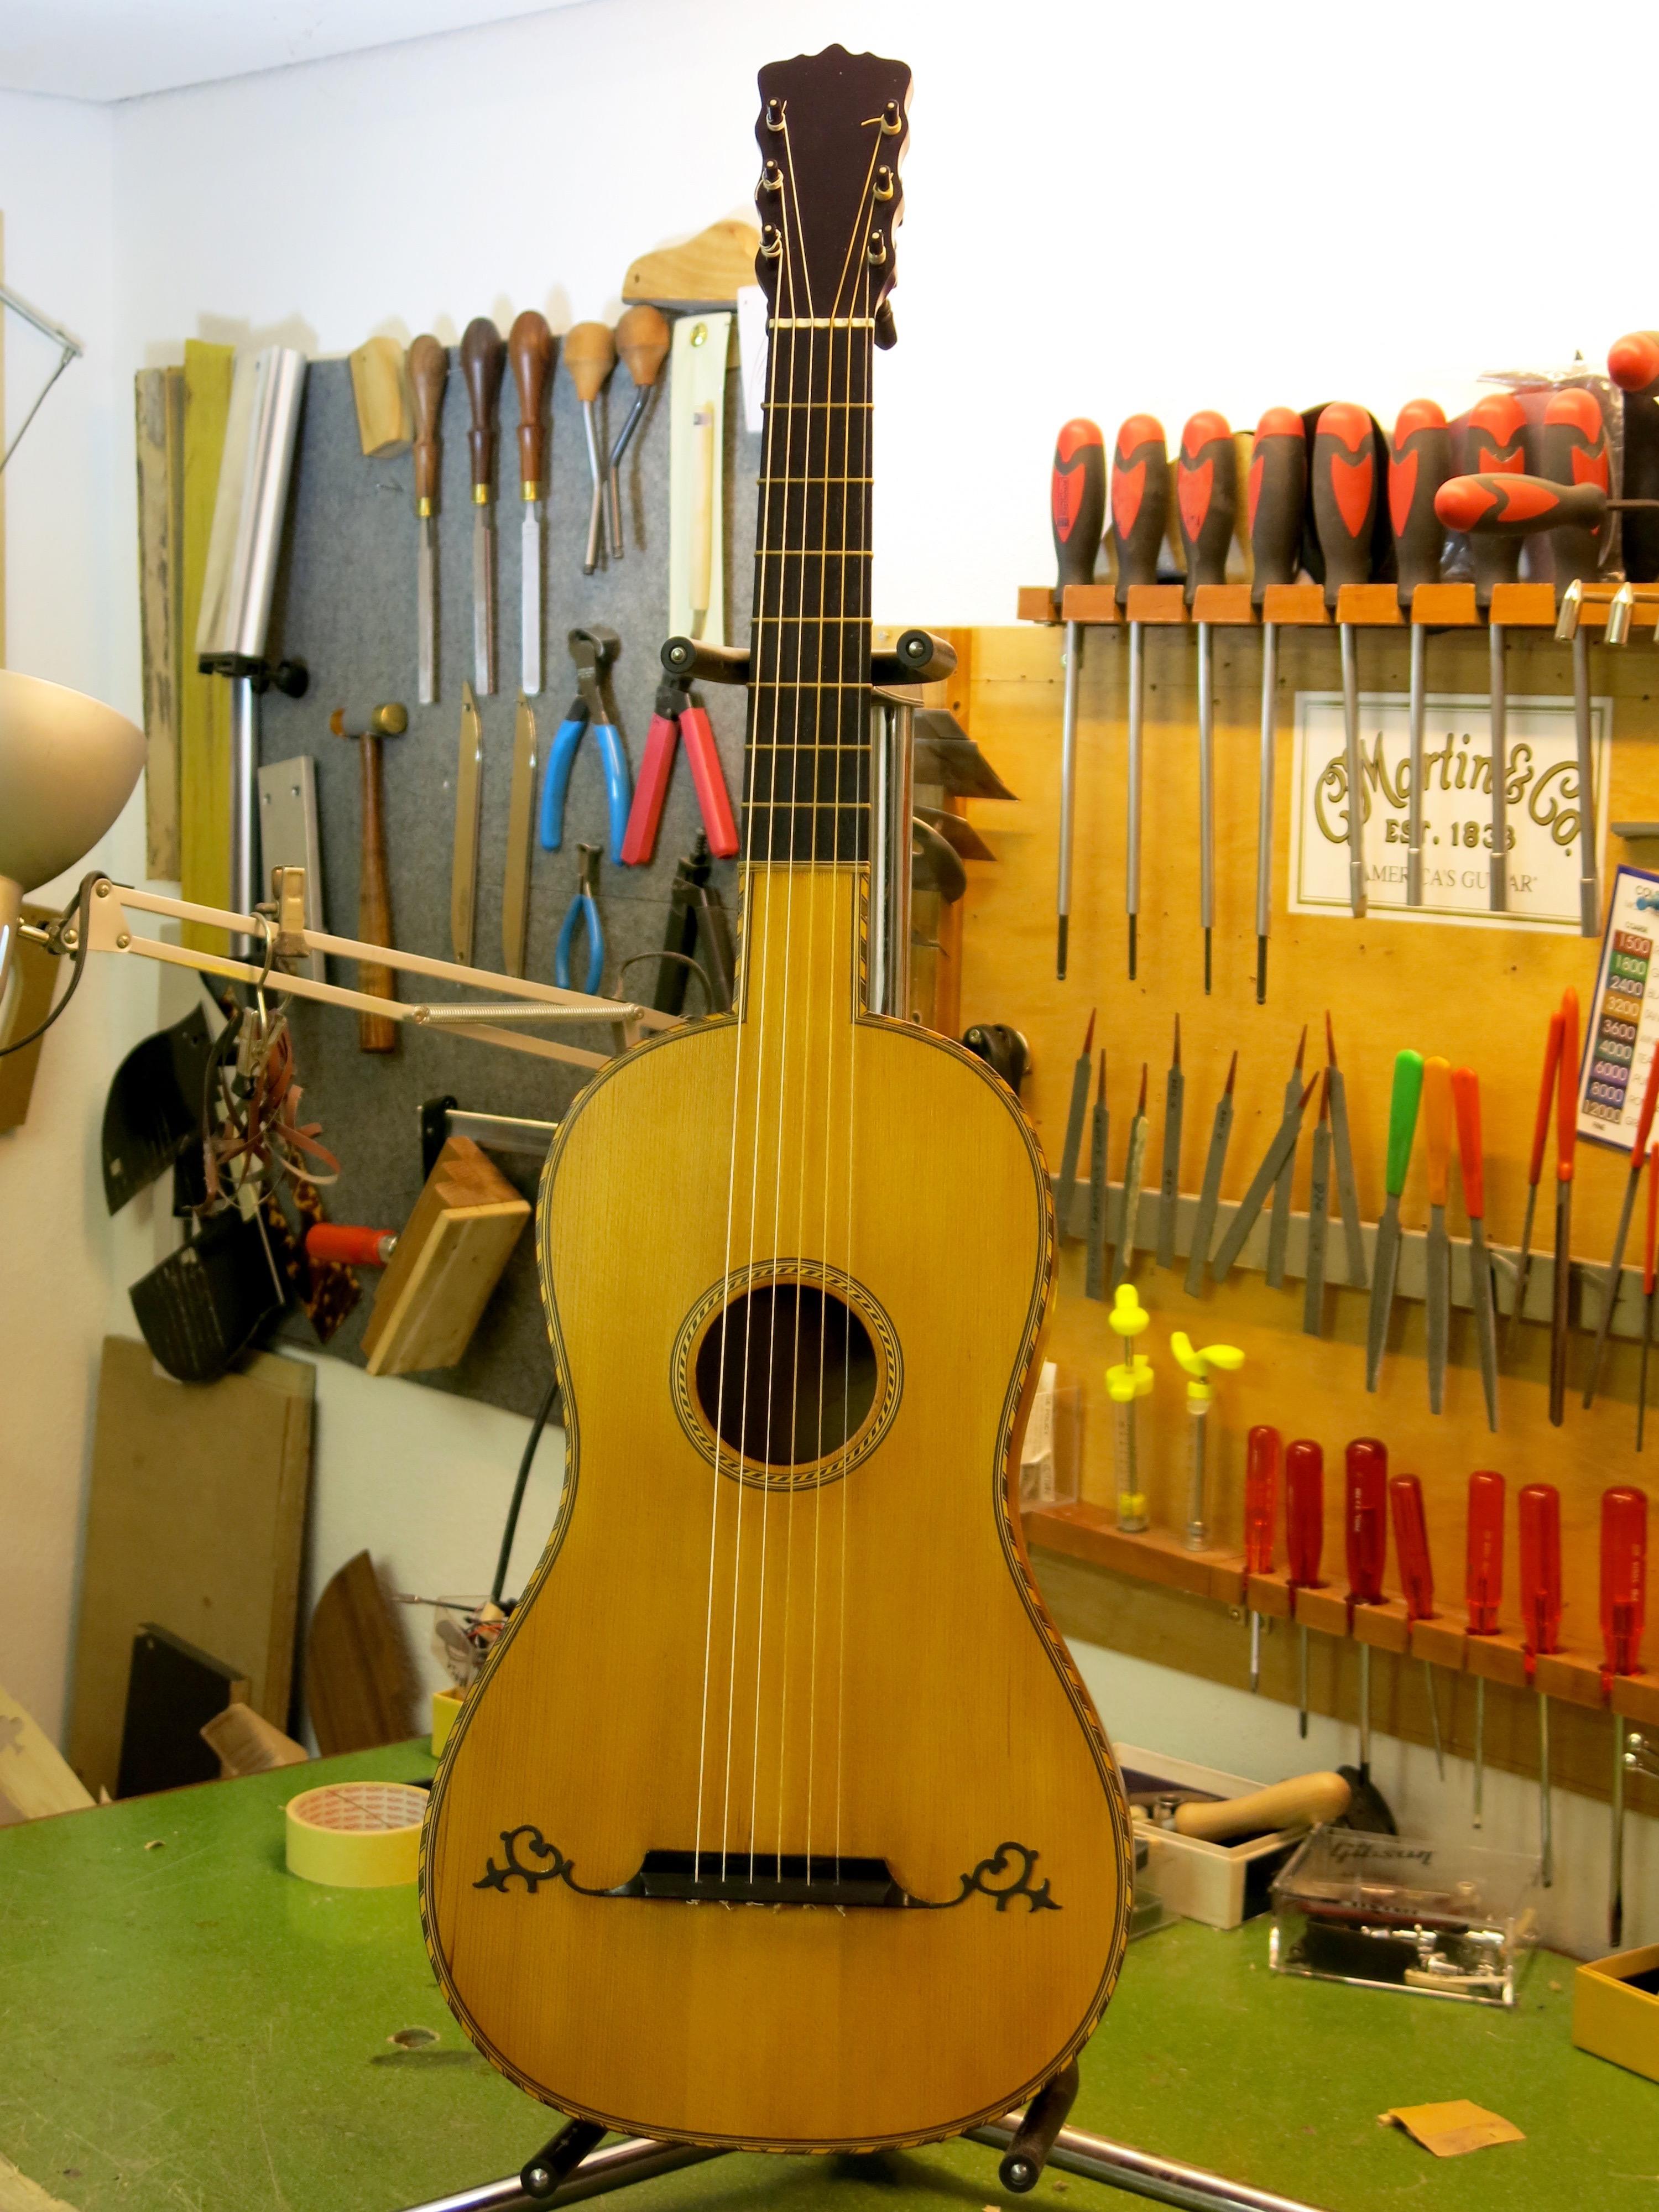 Restauration guitare classique romantique